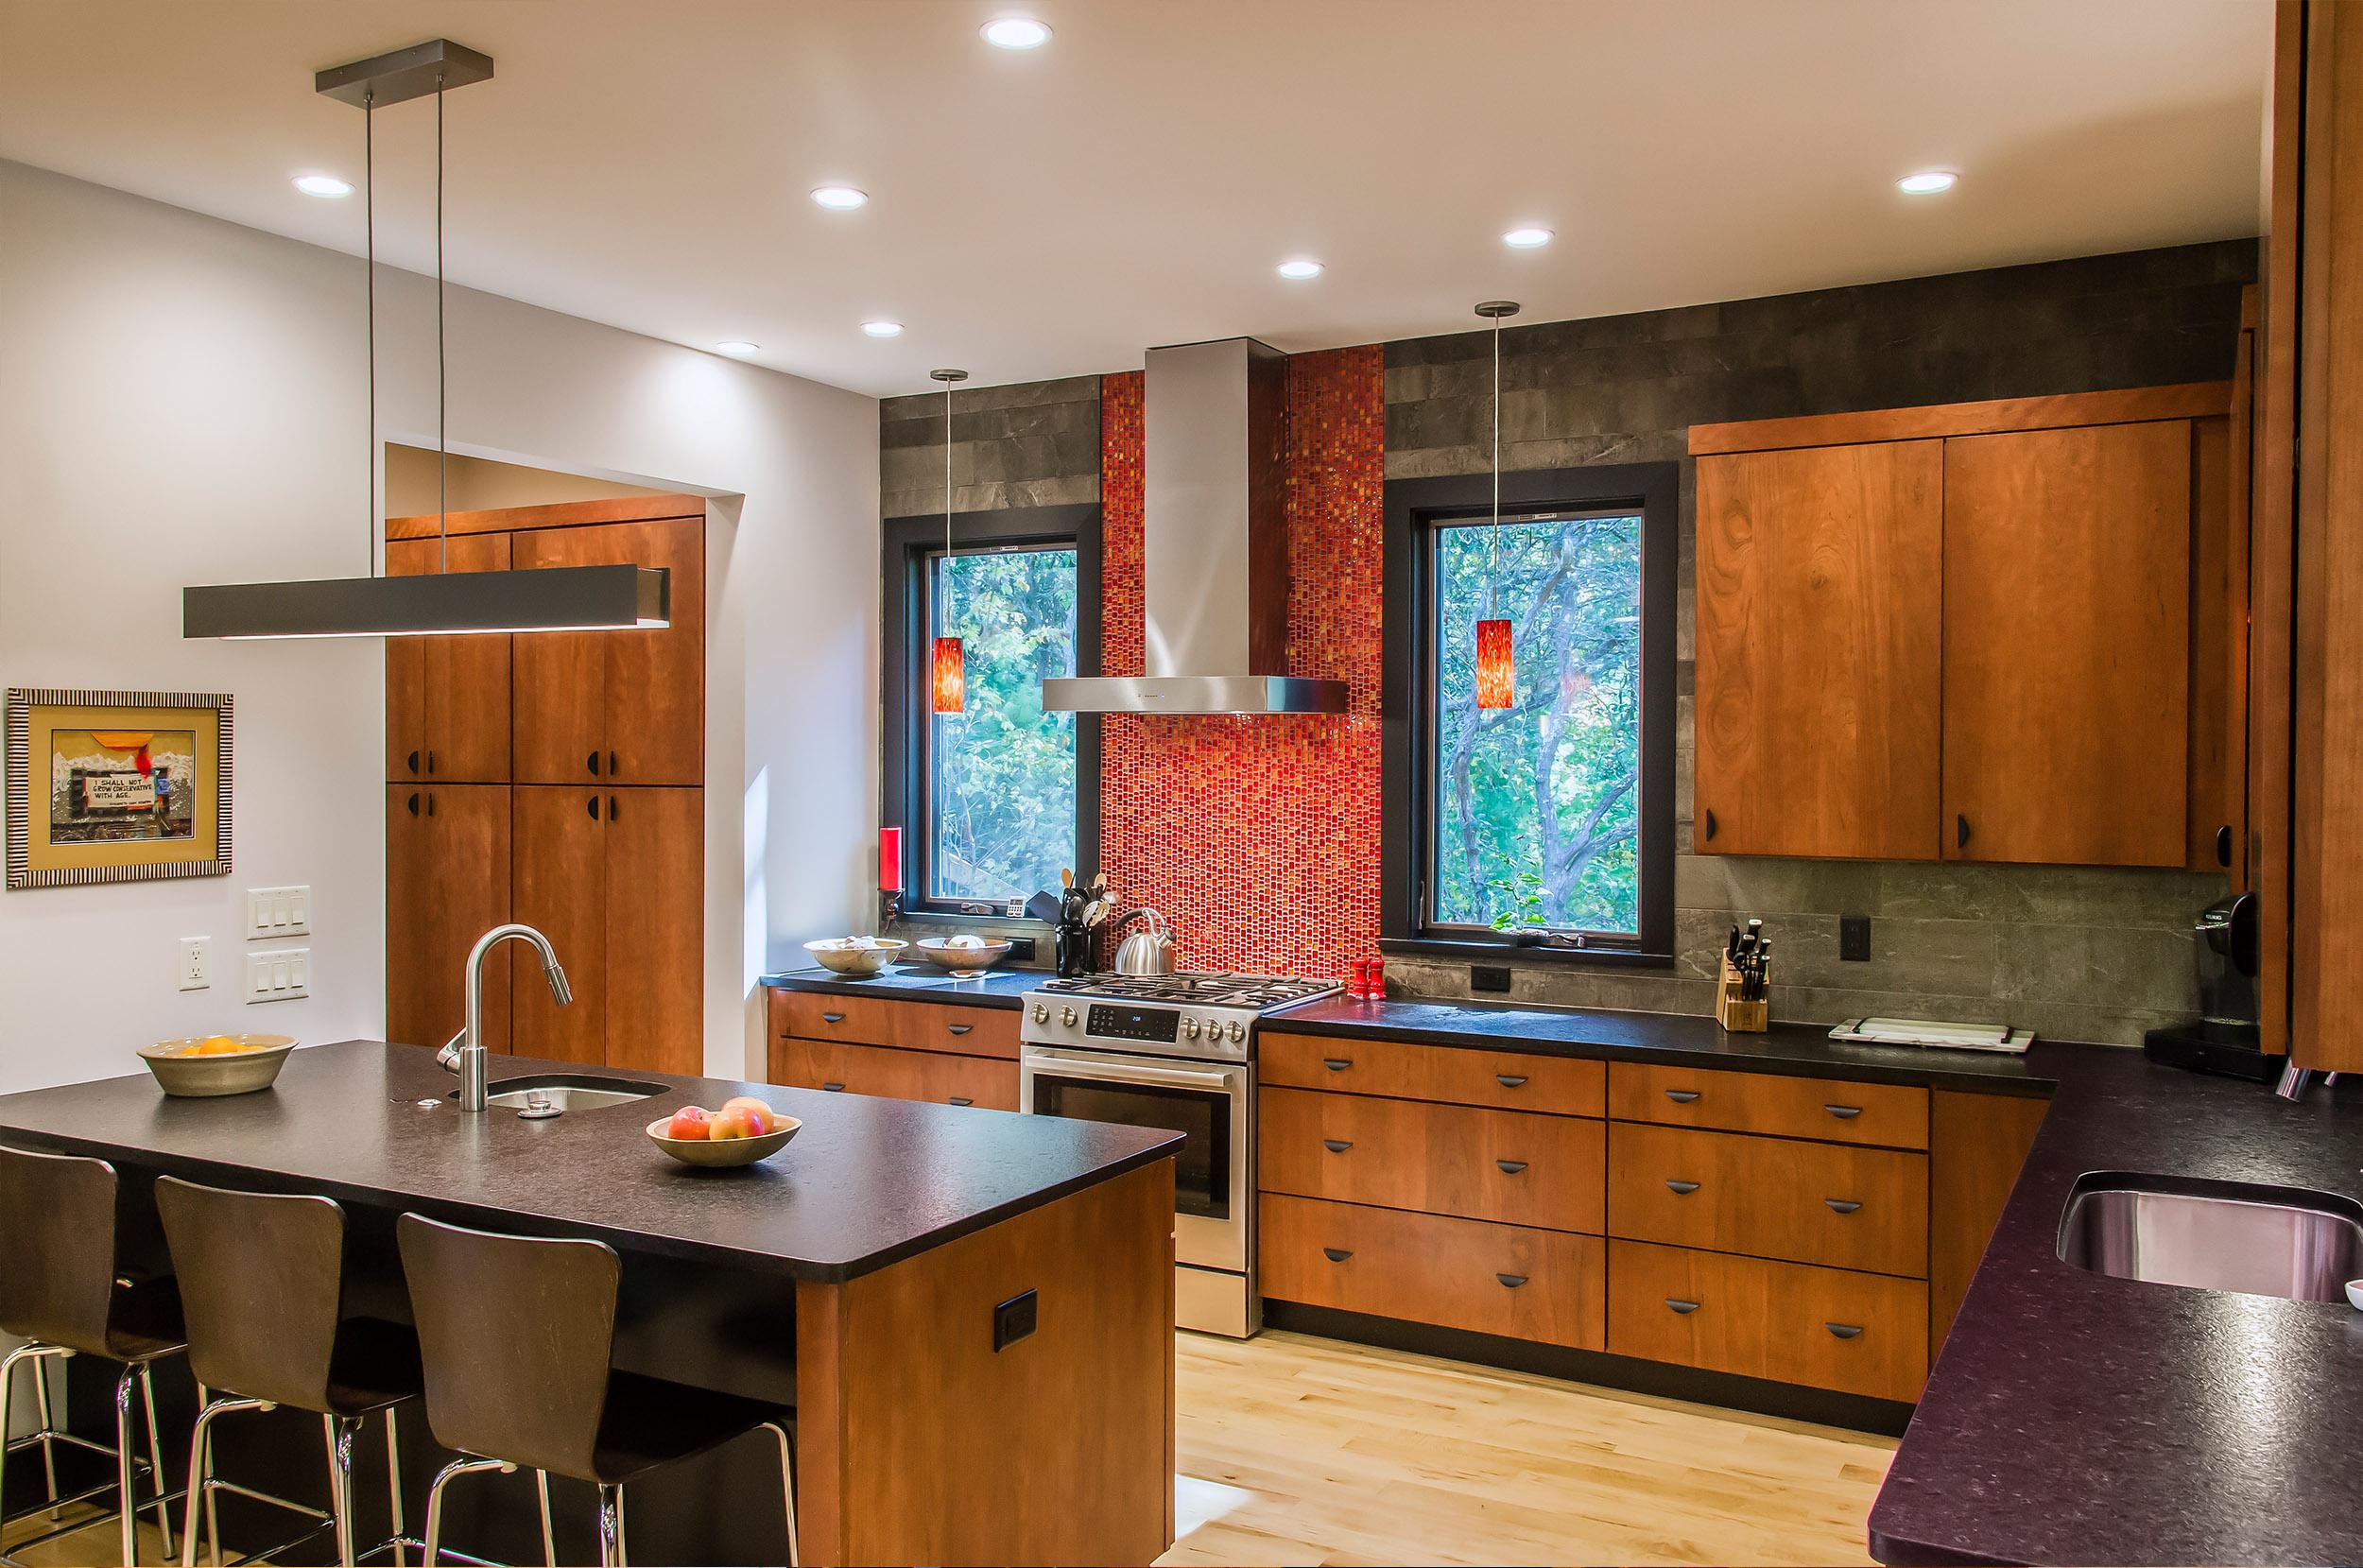 Alexander_kitchen2.jpg